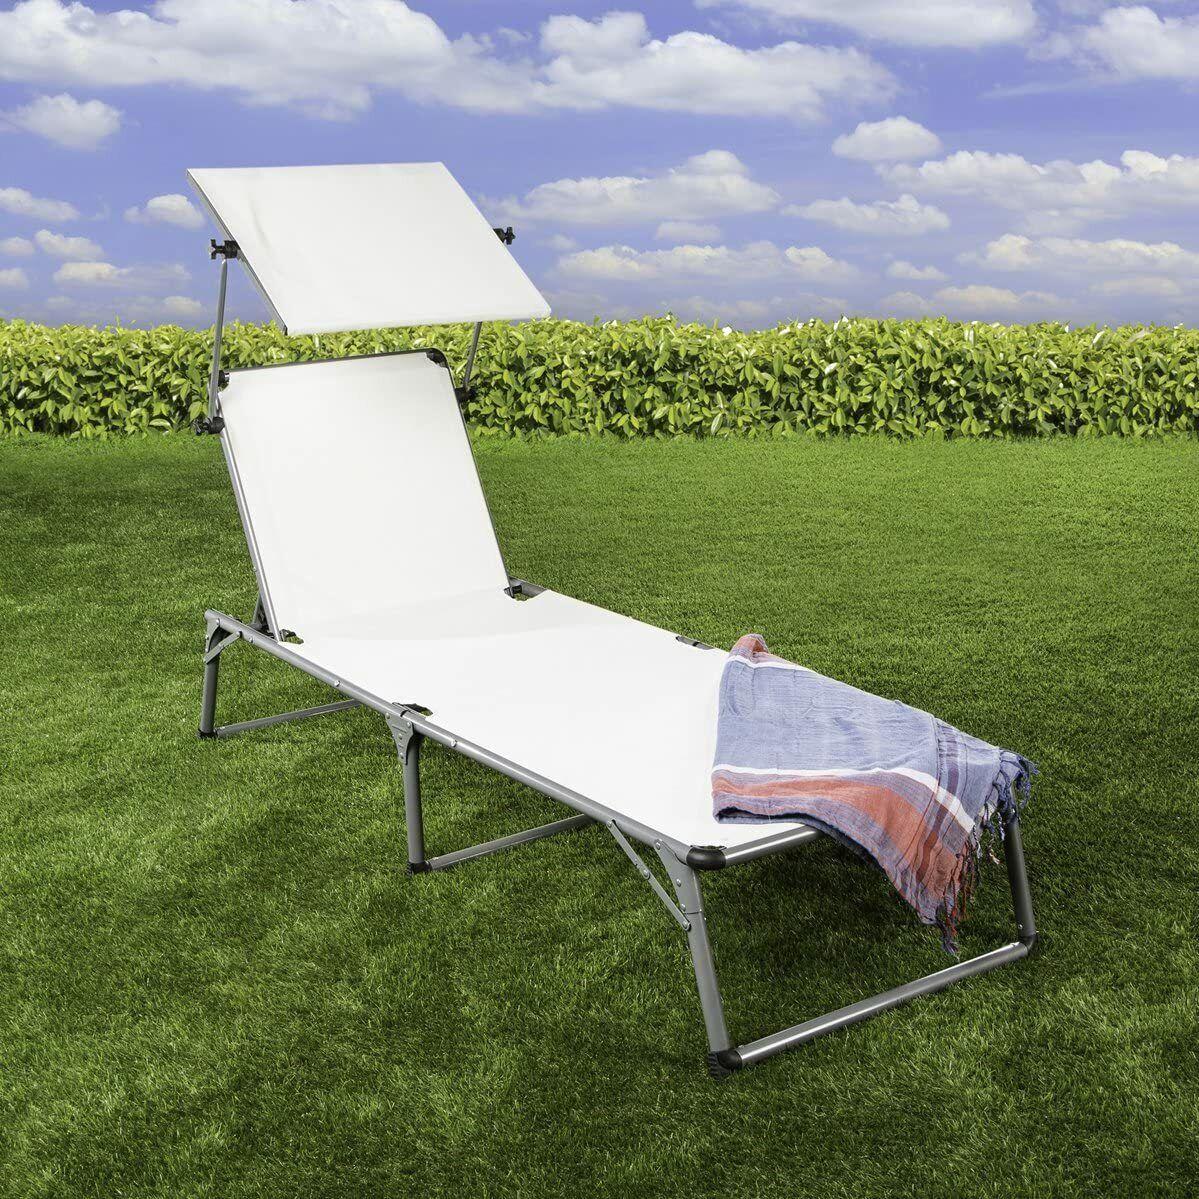 Sonnenliege Aluminium Verstellbare Rückenlehne Dach weiß Gartenliege Sommer